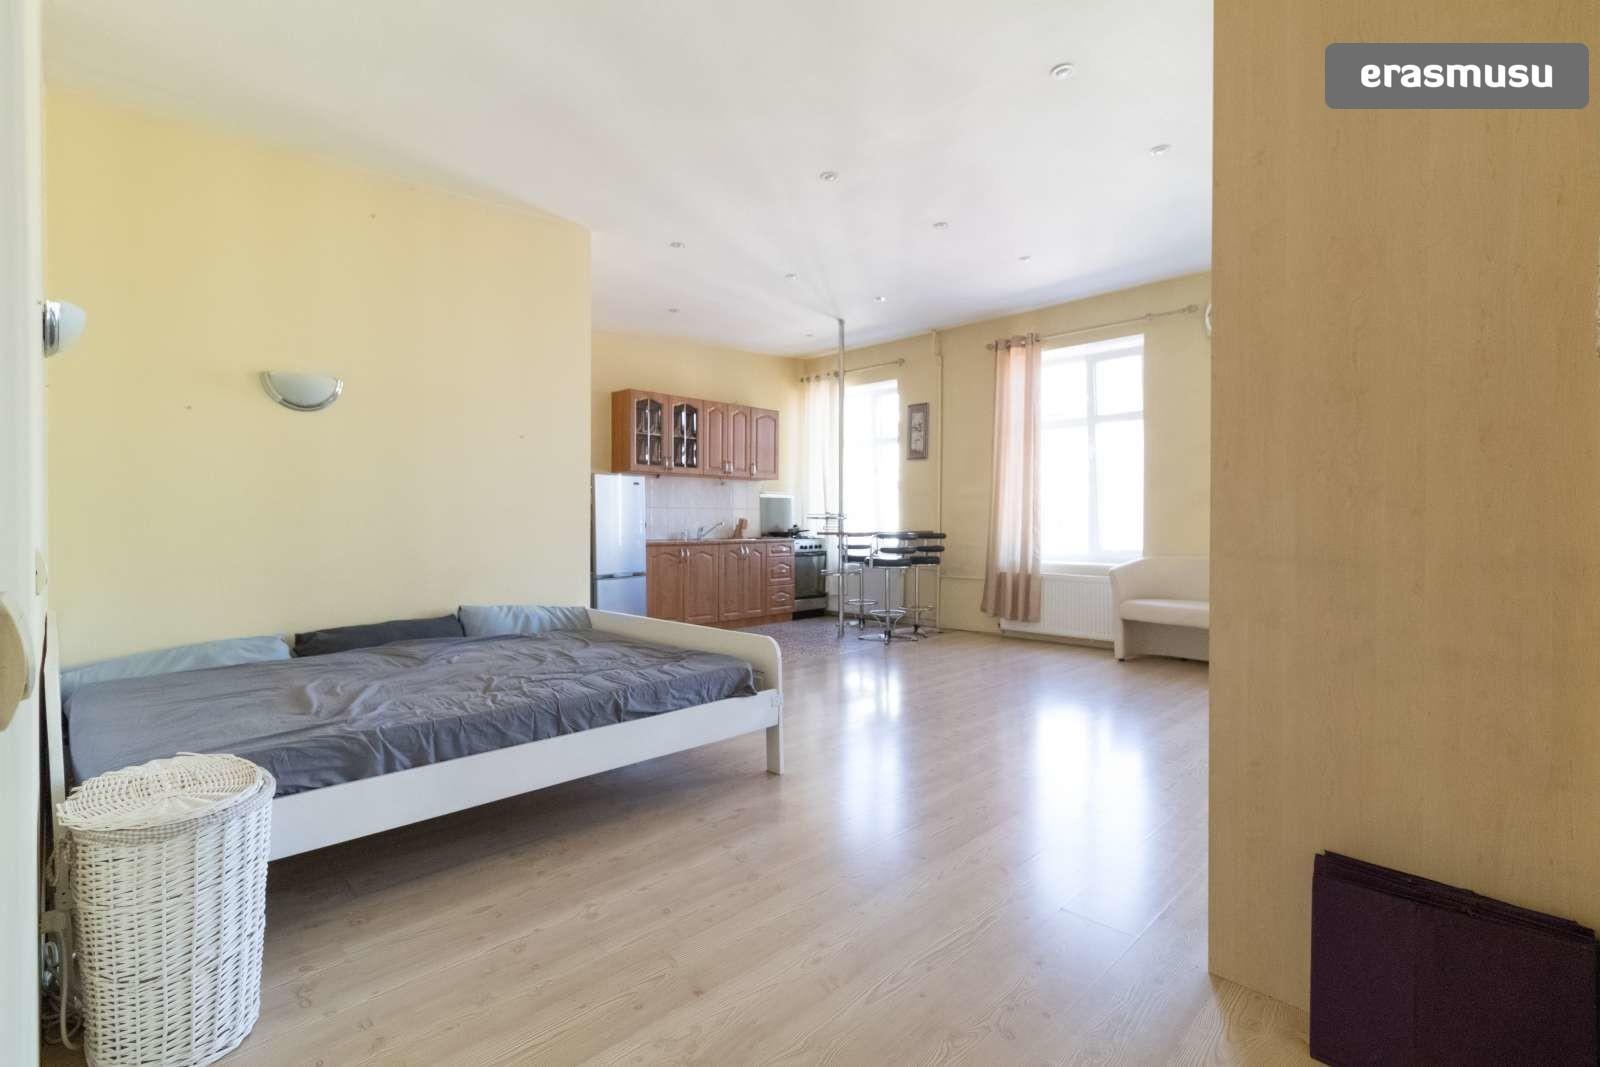 bright-studio-apartment-rent-centrs-1a1a9700f11ca9cdaec53ec10277